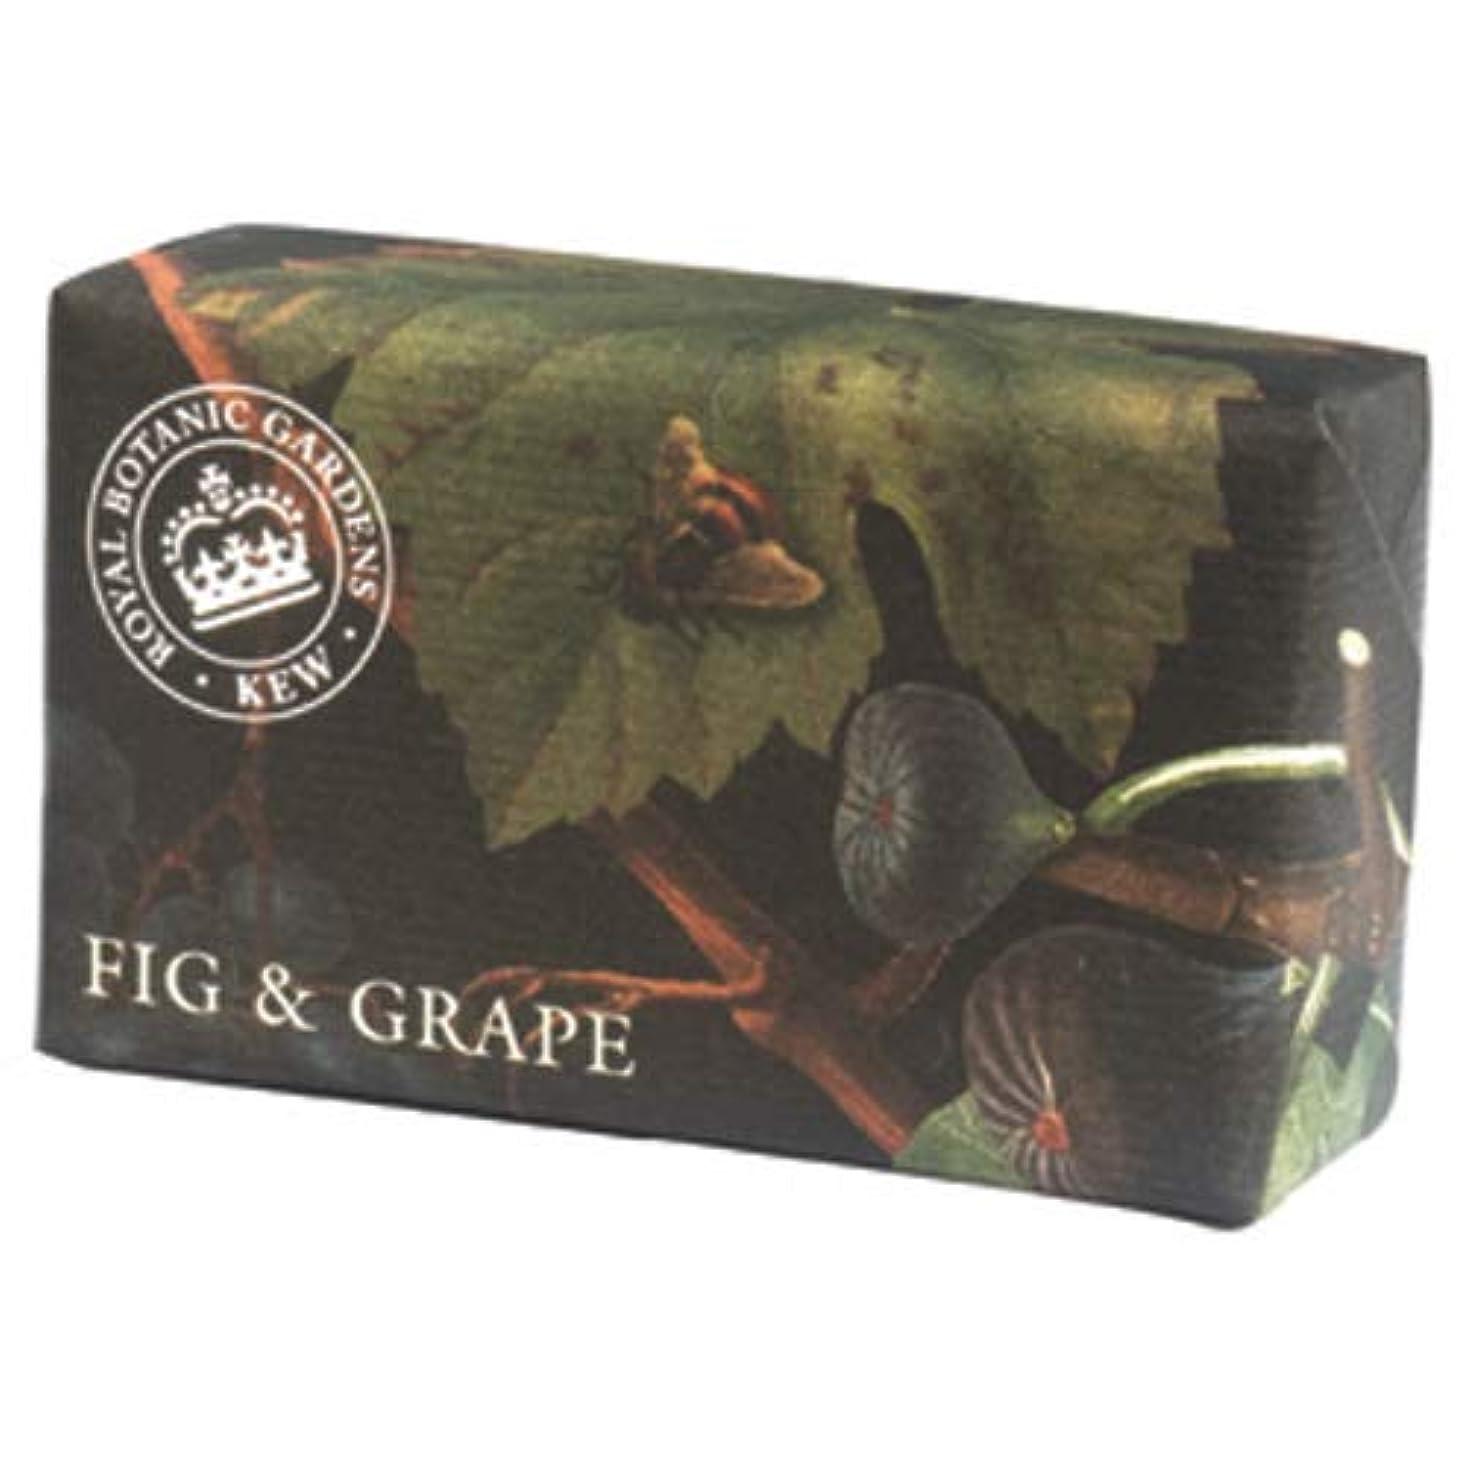 現金合唱団モーテルEnglish Soap Company イングリッシュソープカンパニー KEW GARDEN キュー?ガーデン Luxury Shea Soaps シアソープ Fig & Grape フィグ&グレープ